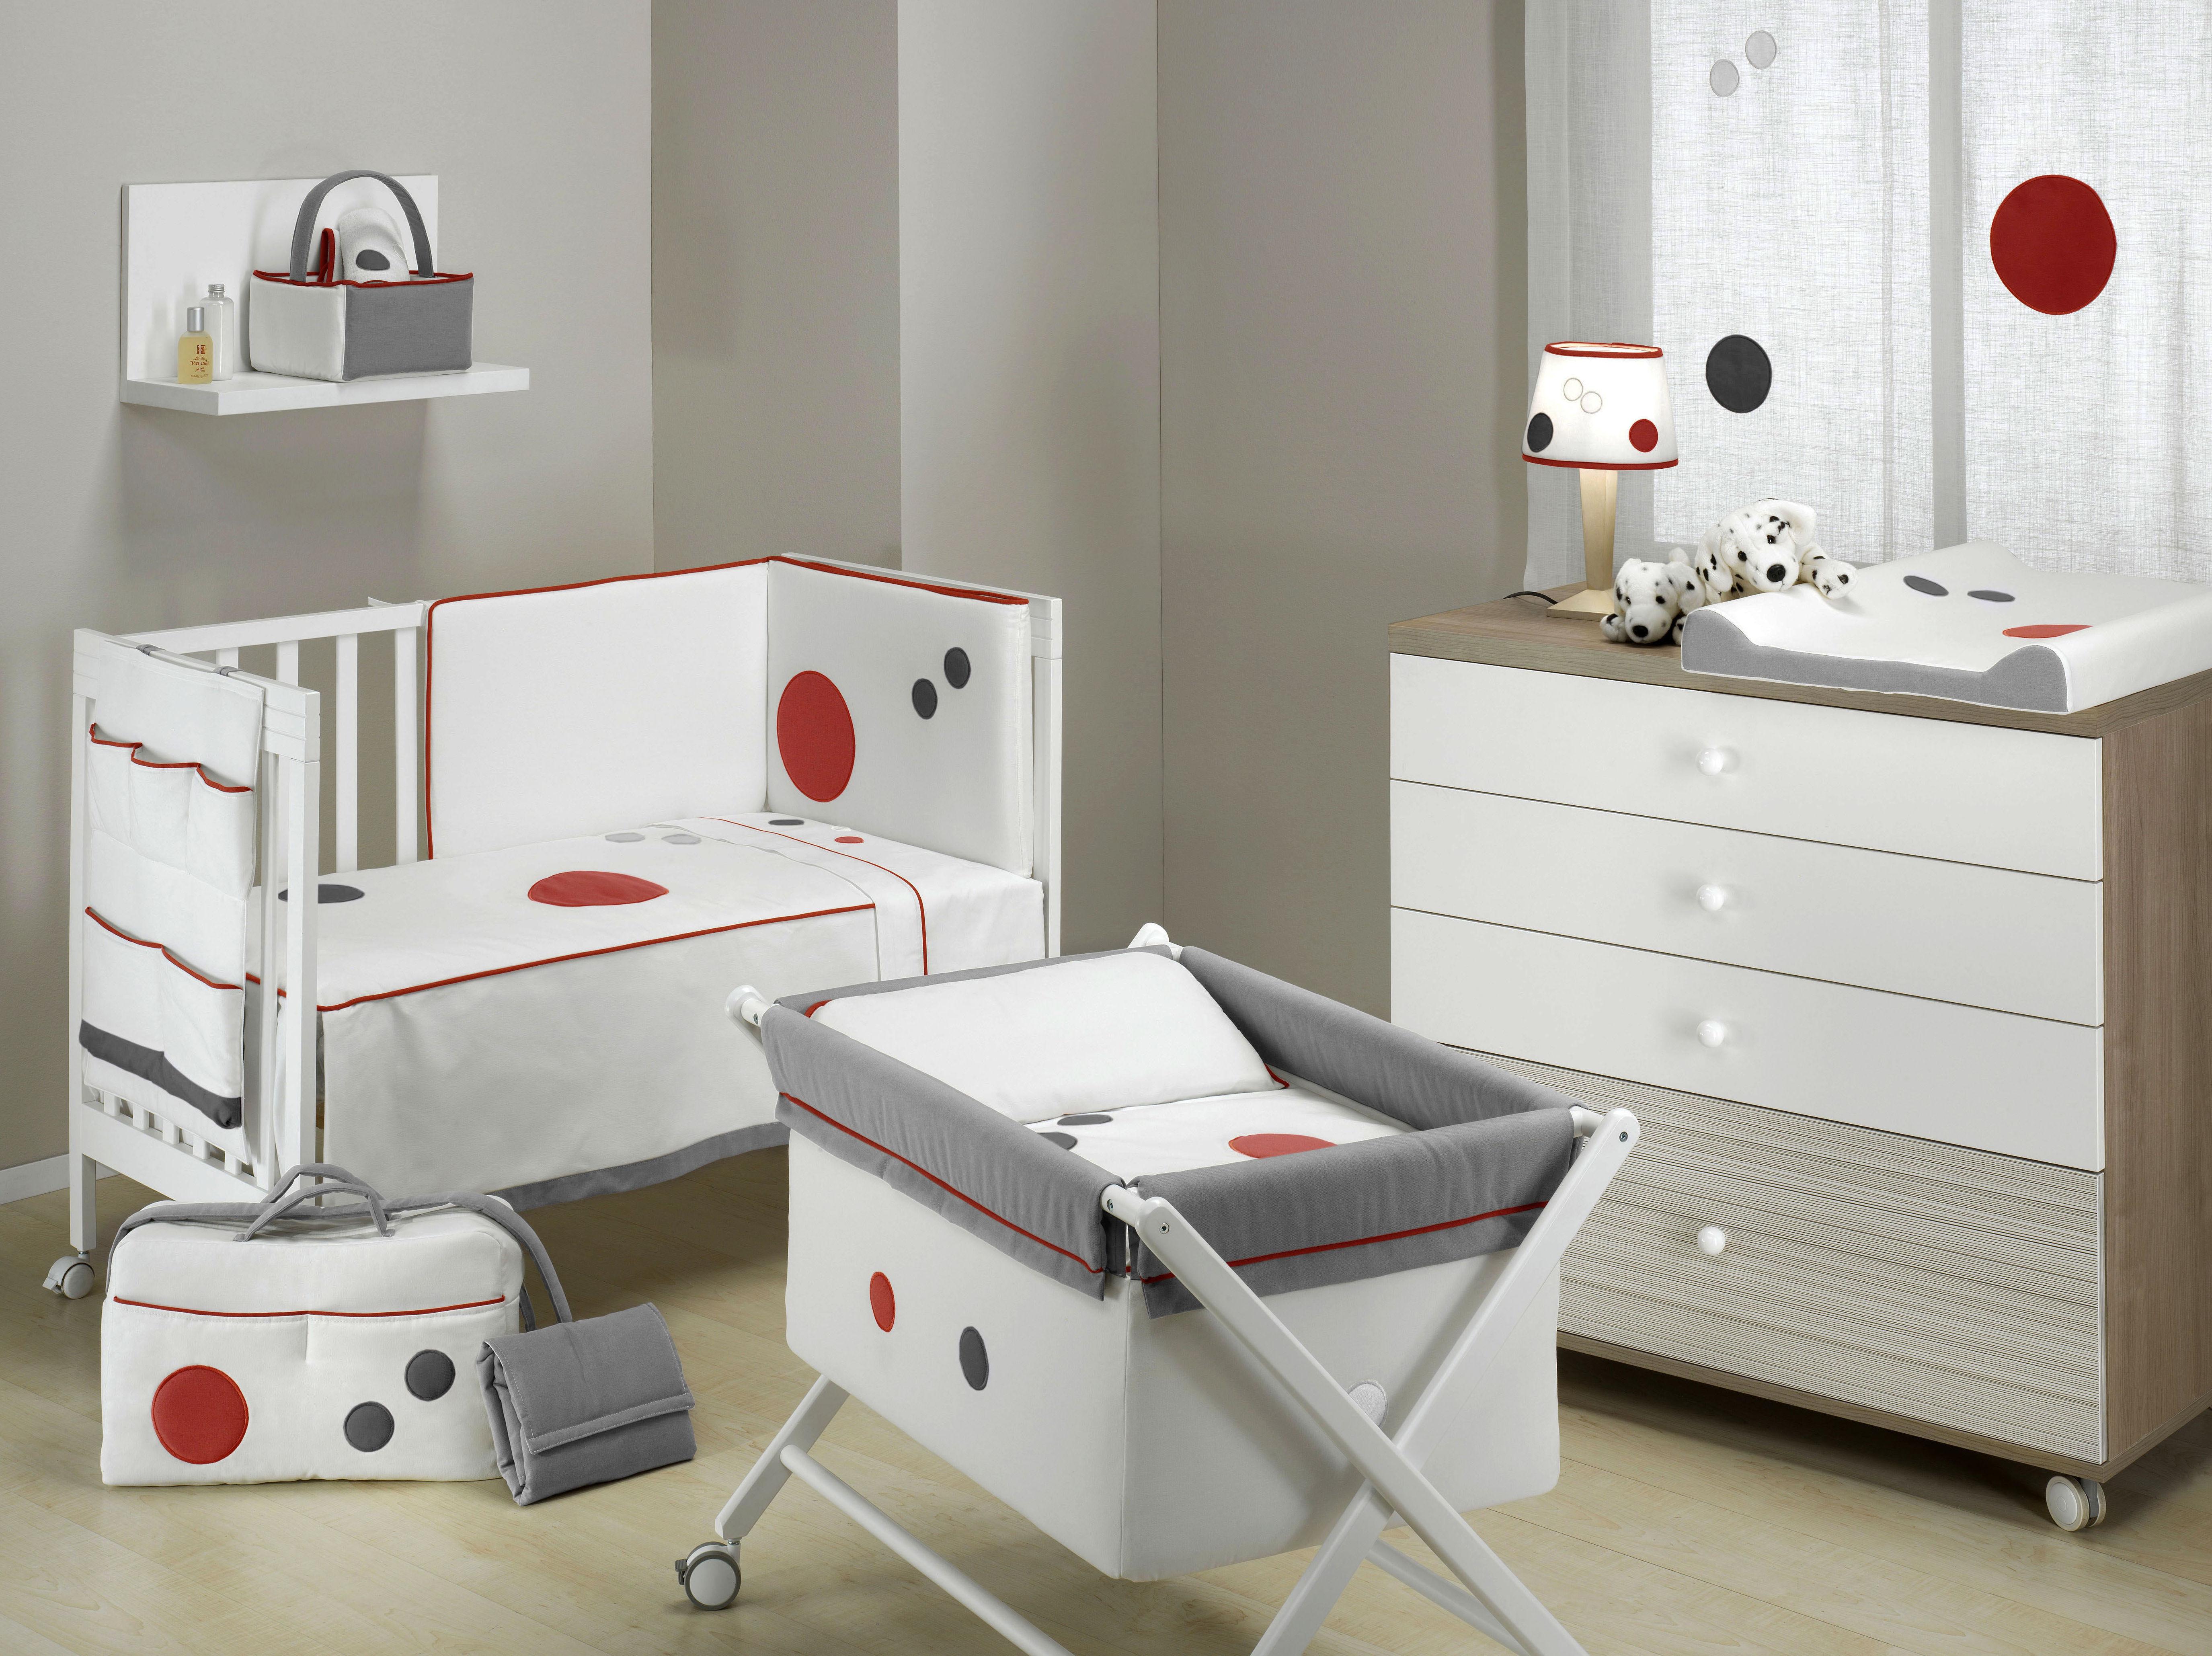 Foto 17 de Mobiliario infantil en L'Hospitalet de Llobregat | Materna|Productos para bebé con los precios más bajos